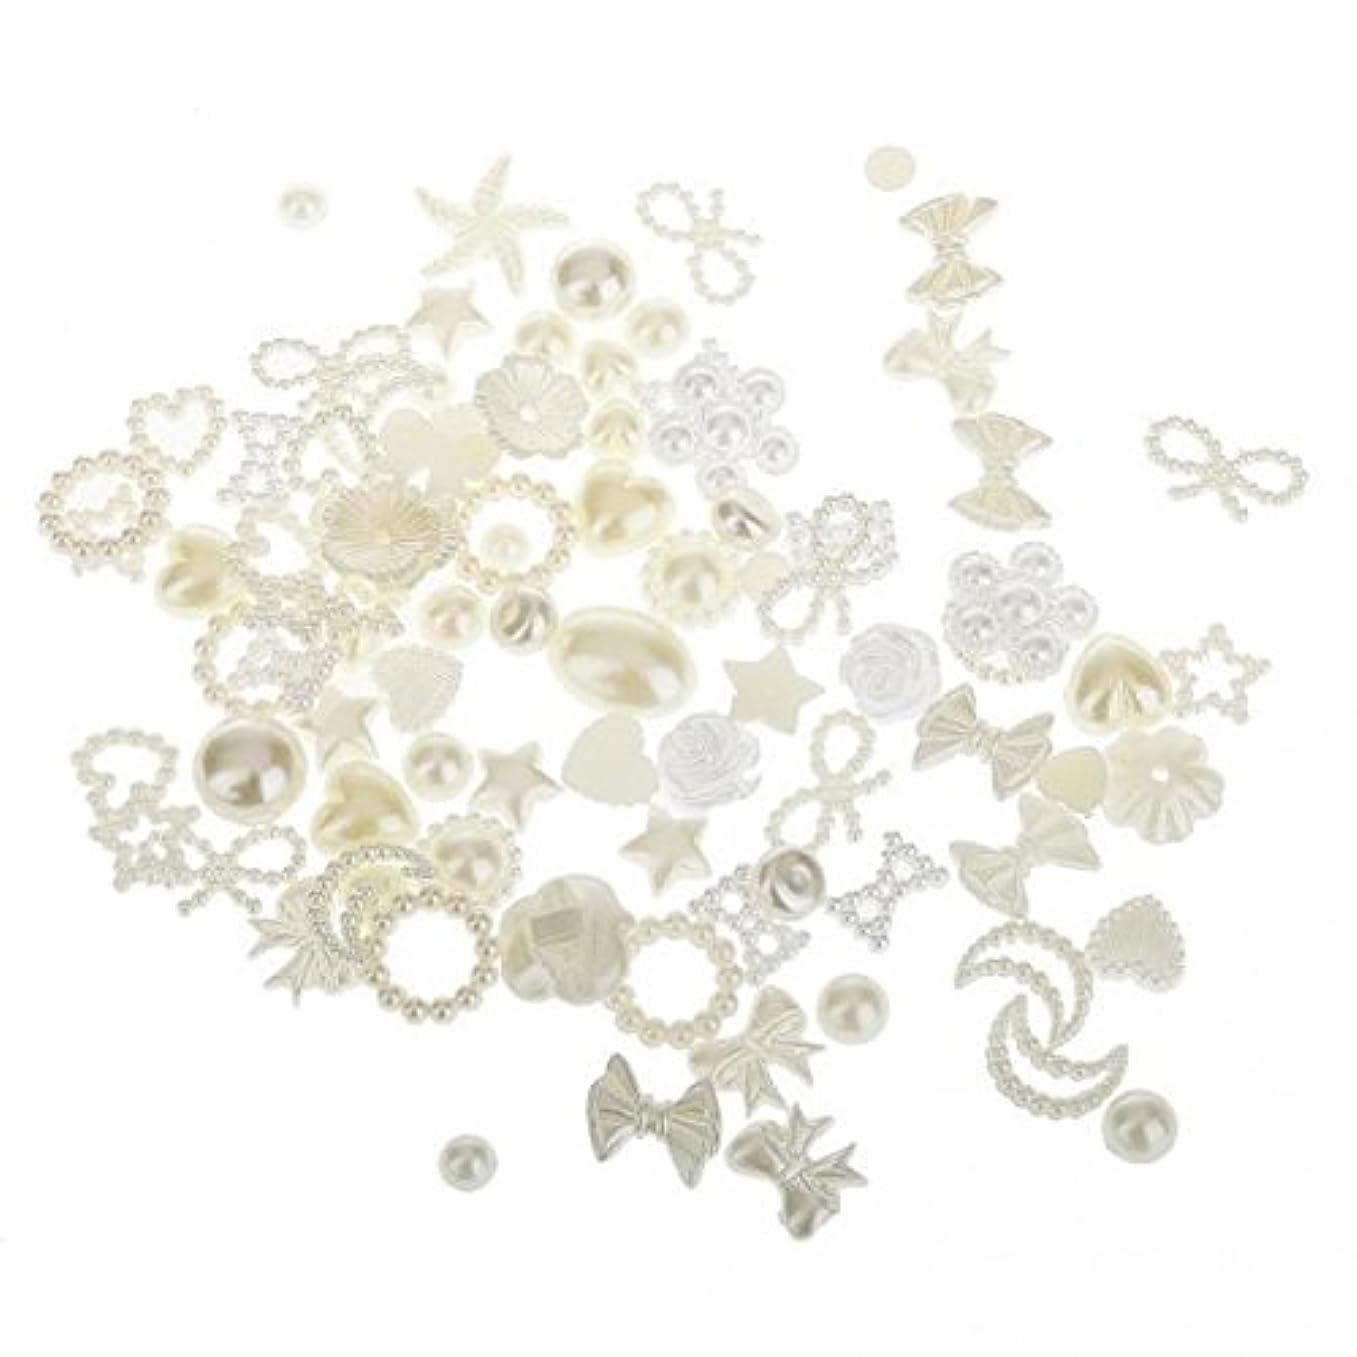 受ける細胞今後SONONIA クラフト用 200pcs 盛り合わせ 工芸品 装飾 人工パール ビーズ スクラップブック